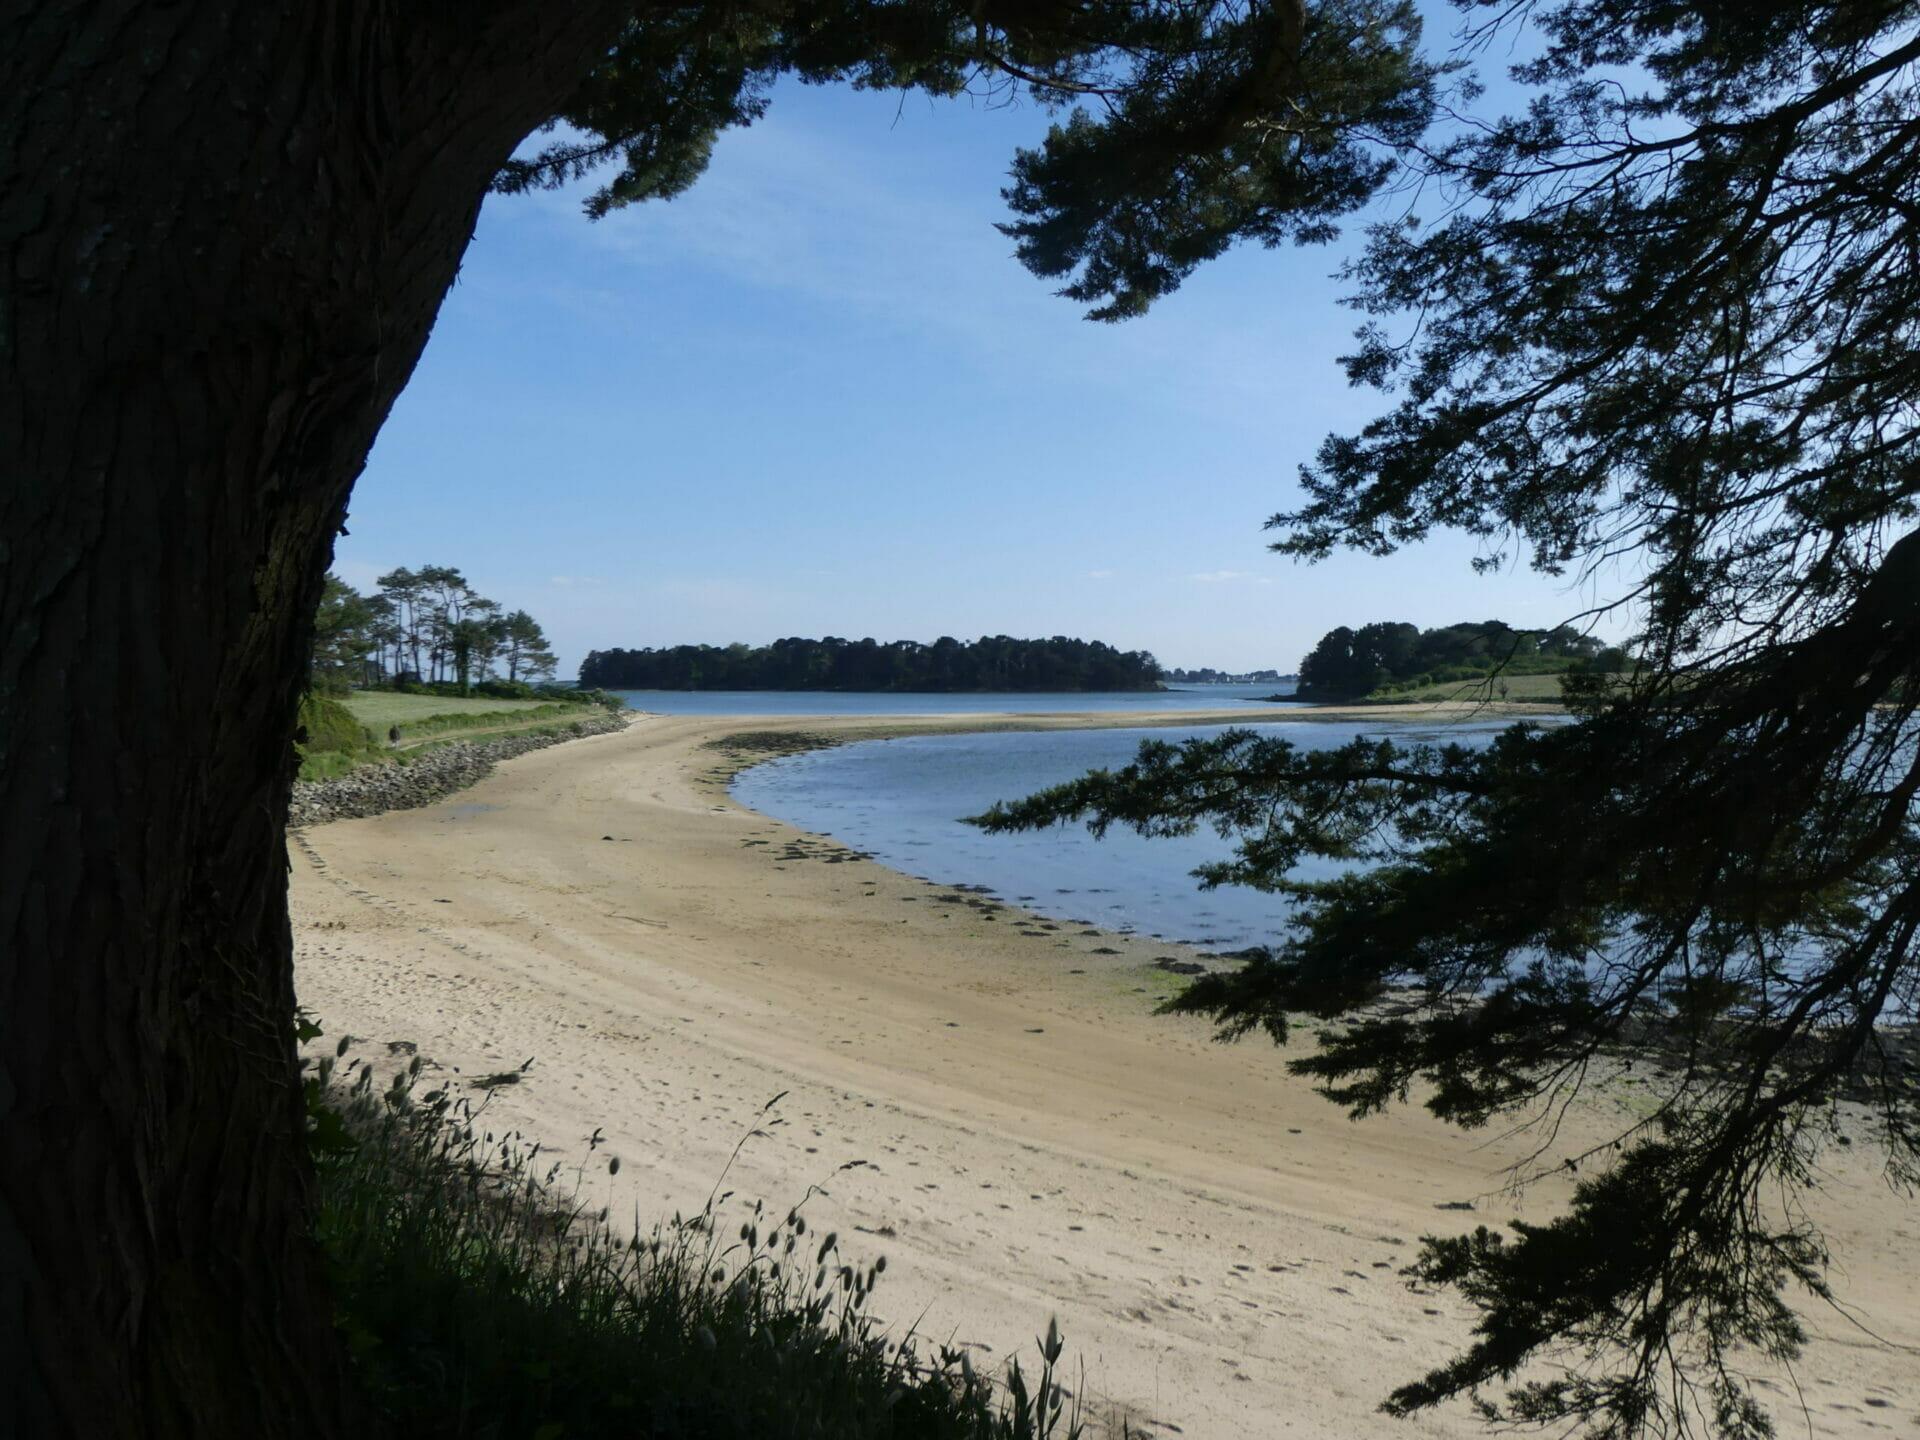 5 plages à tester dans le Golfe du Morbihan